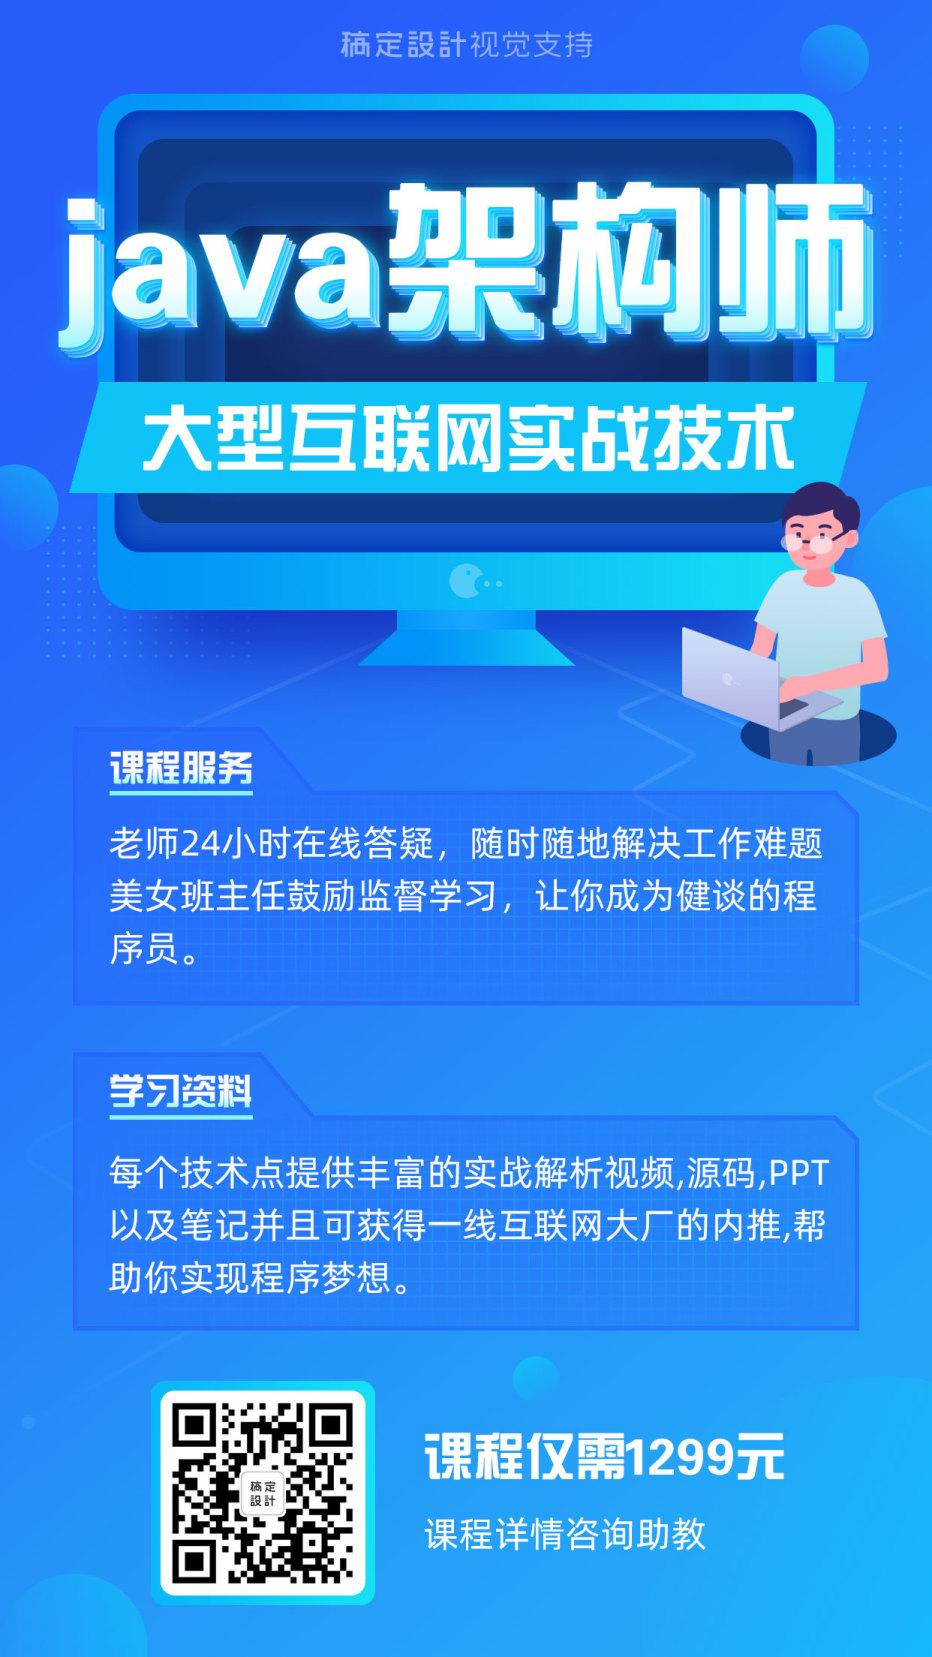 互联网计算机编程课程介绍